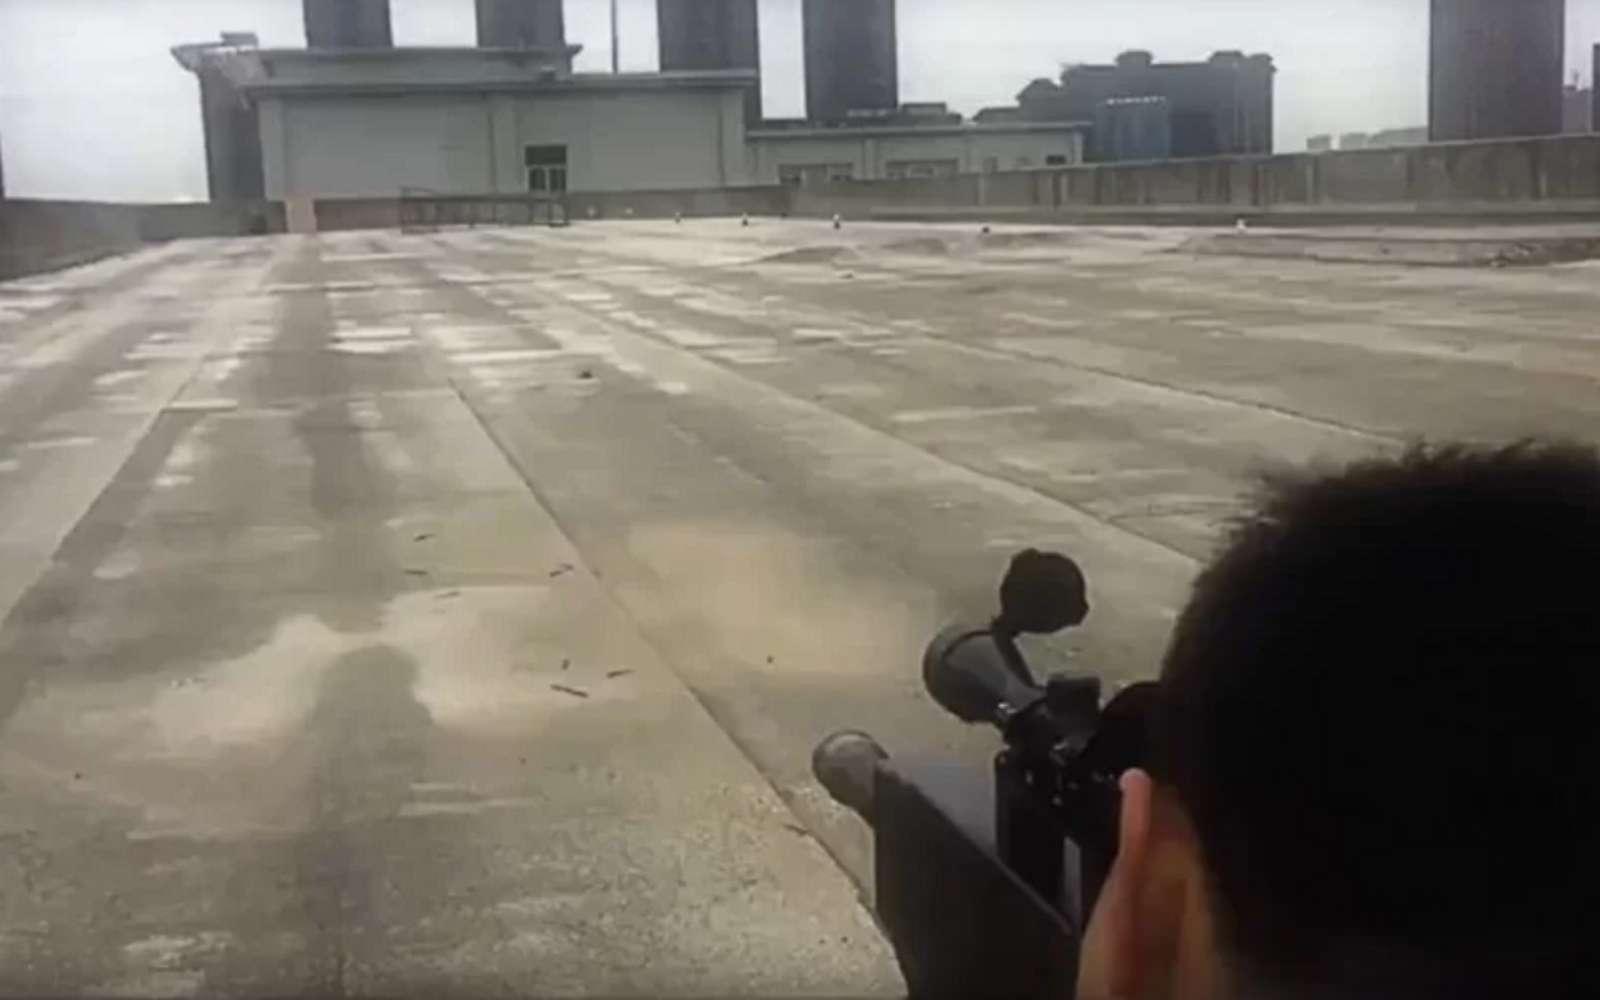 Suite à une avalanche d'arguments faisant douter de la crédibilité de son arme laser, la firme chinoise à l'origine du ZKZM-500 a publié des vidéos pour prouver la puissance de son fusil d'assaut. © Capture vidéo / South China Morning Post